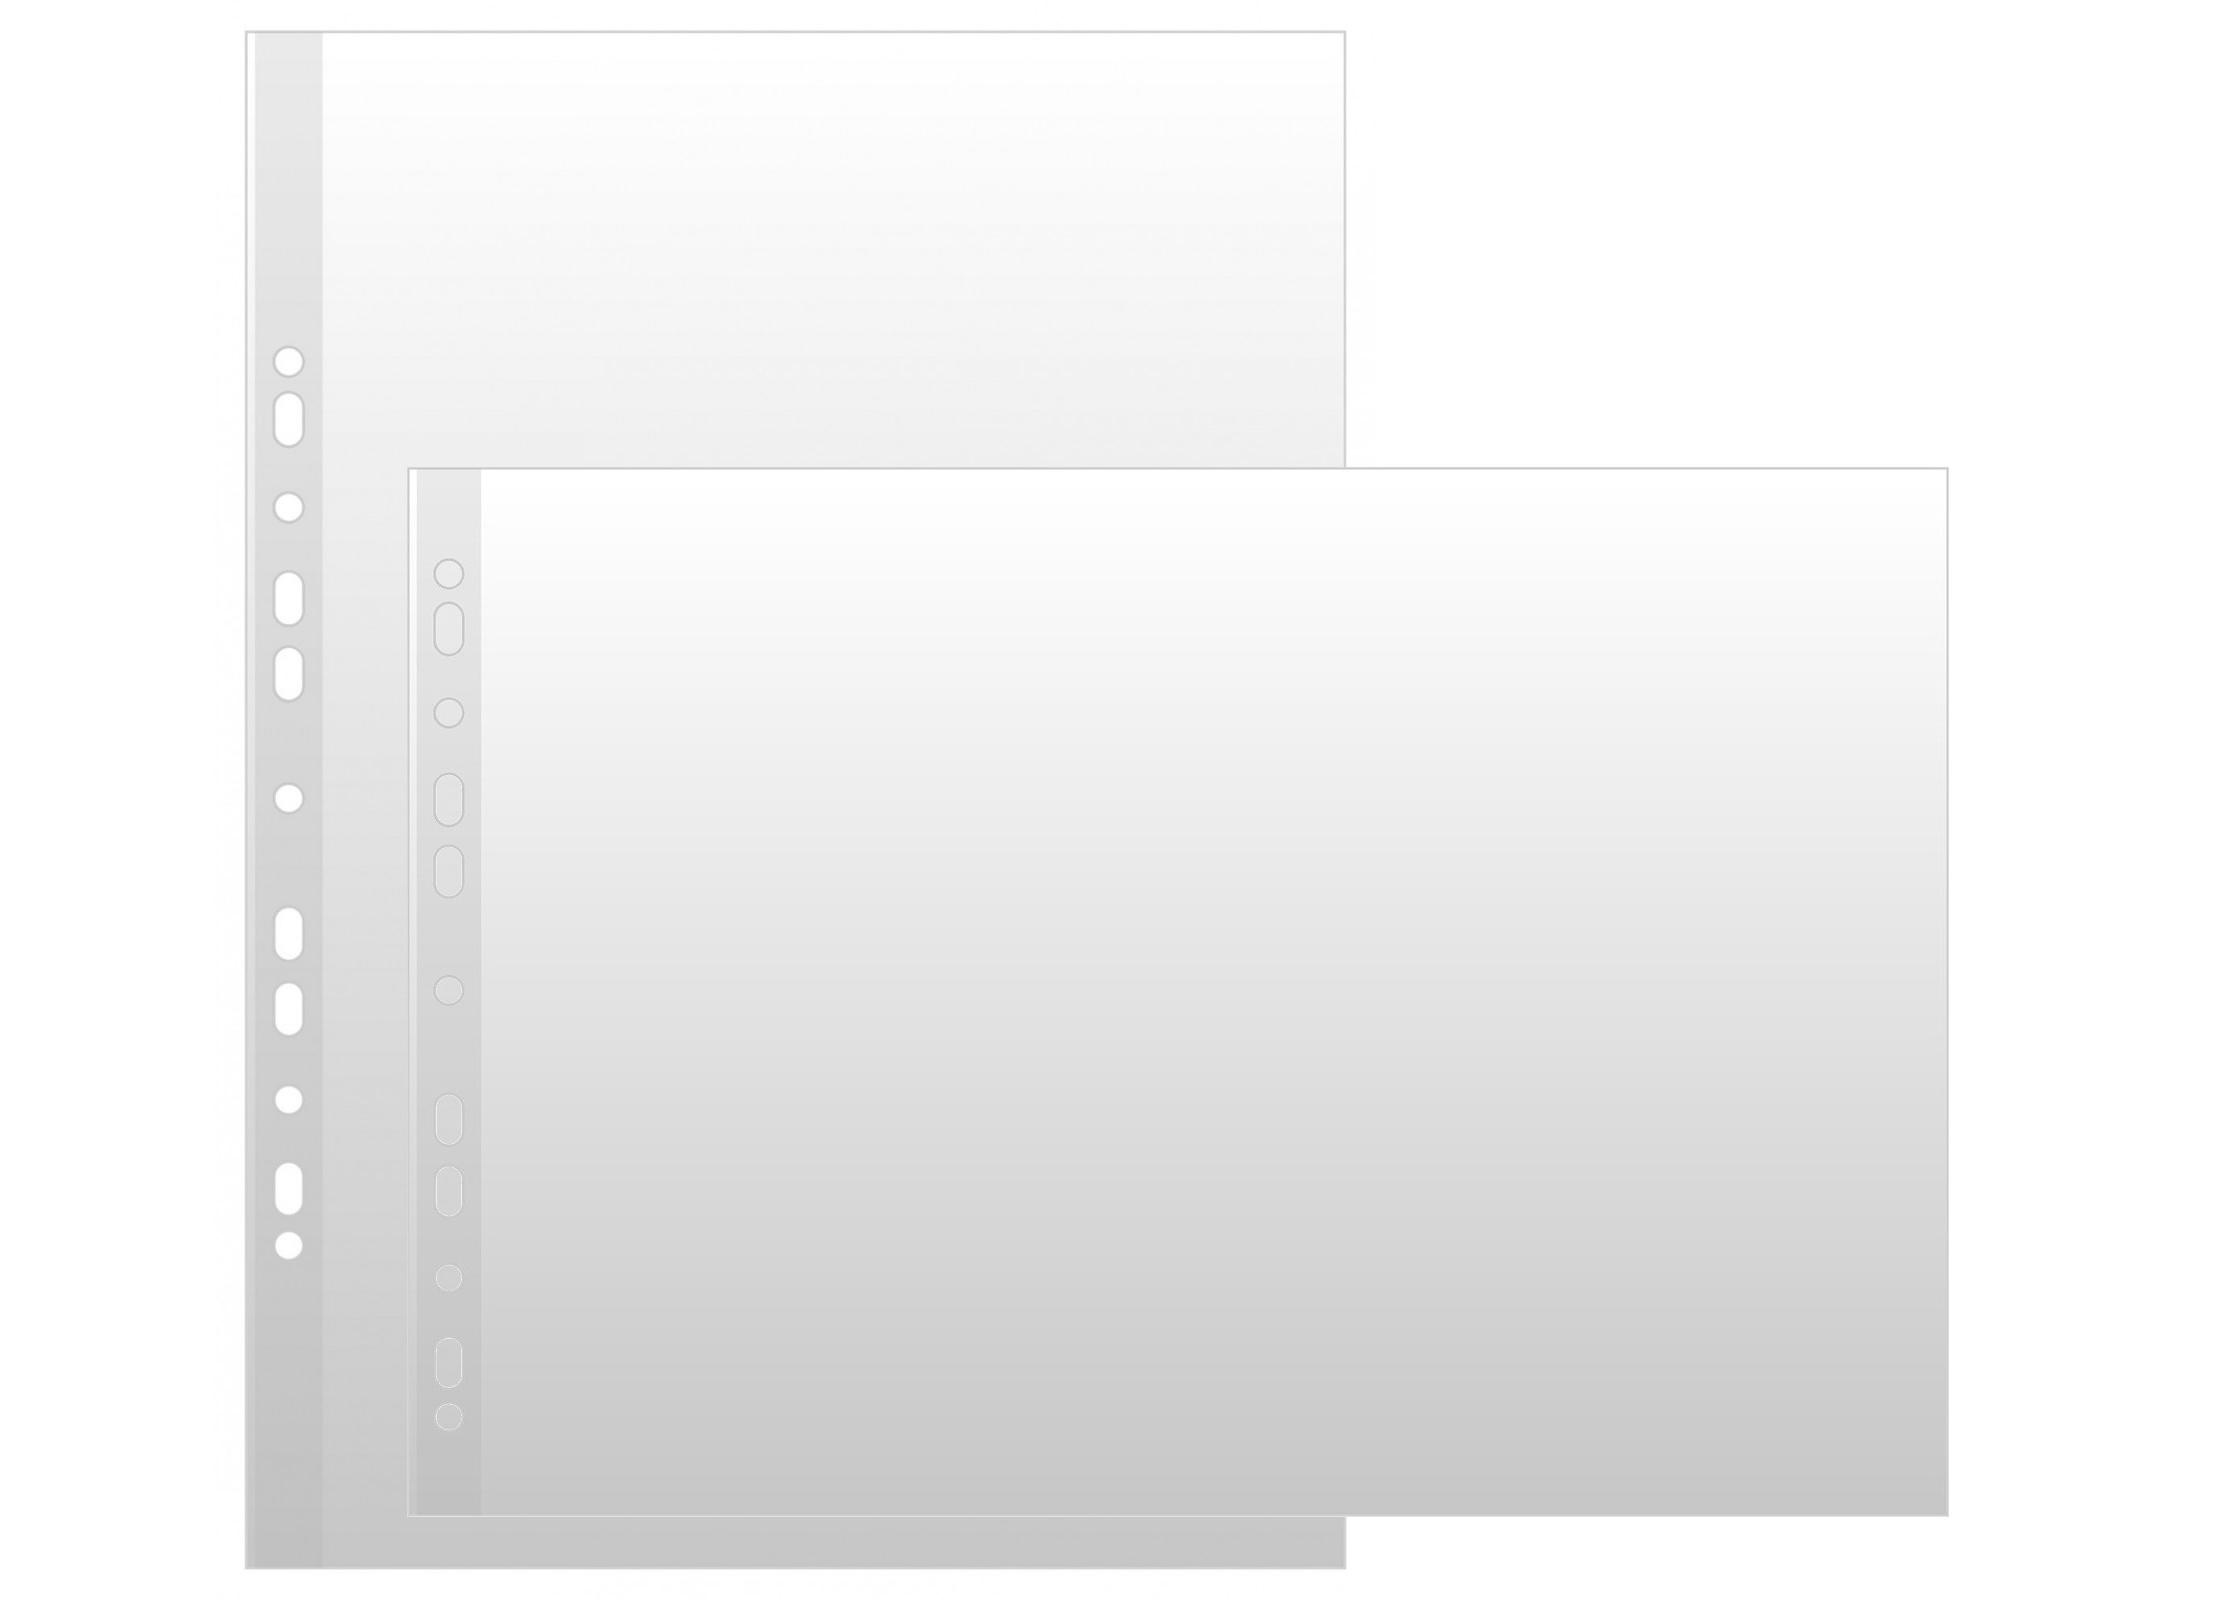 Koszulki na dokumenty A3 poziome i pionowe